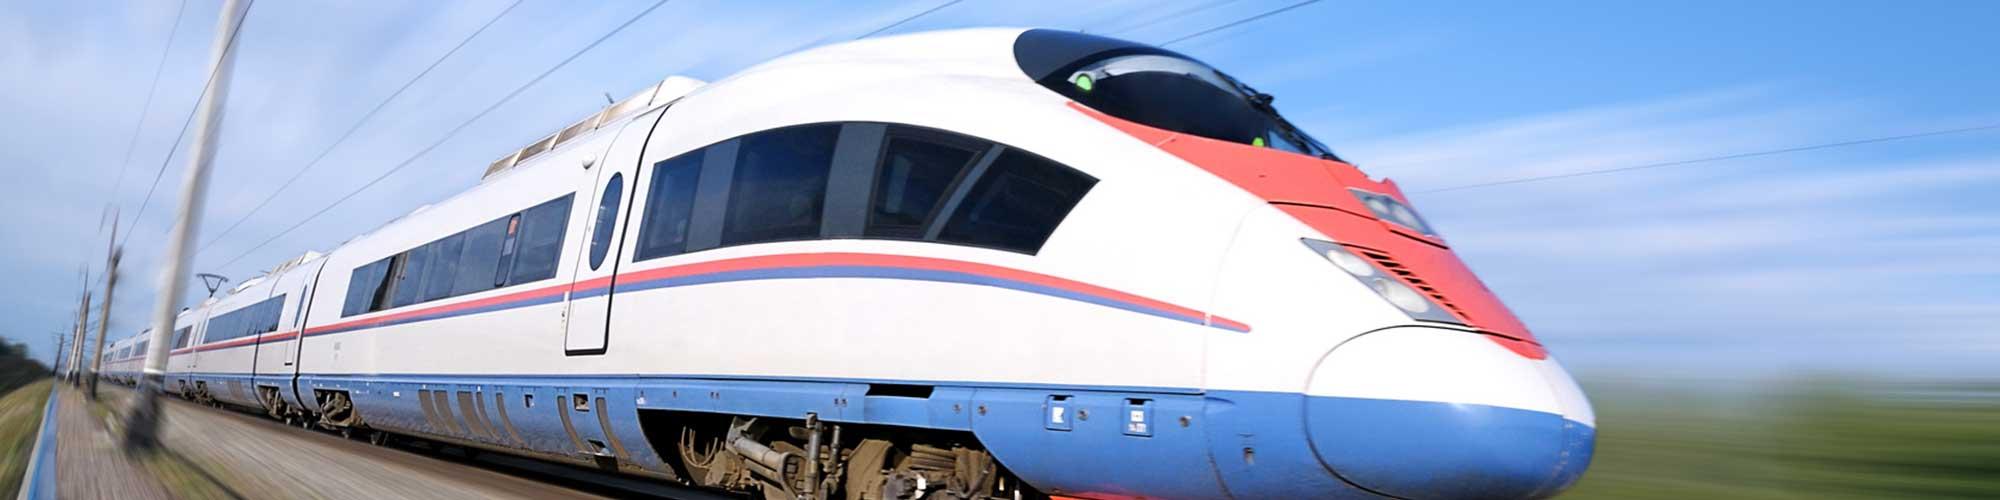 Кондиционирование в высокоскоростном поезде